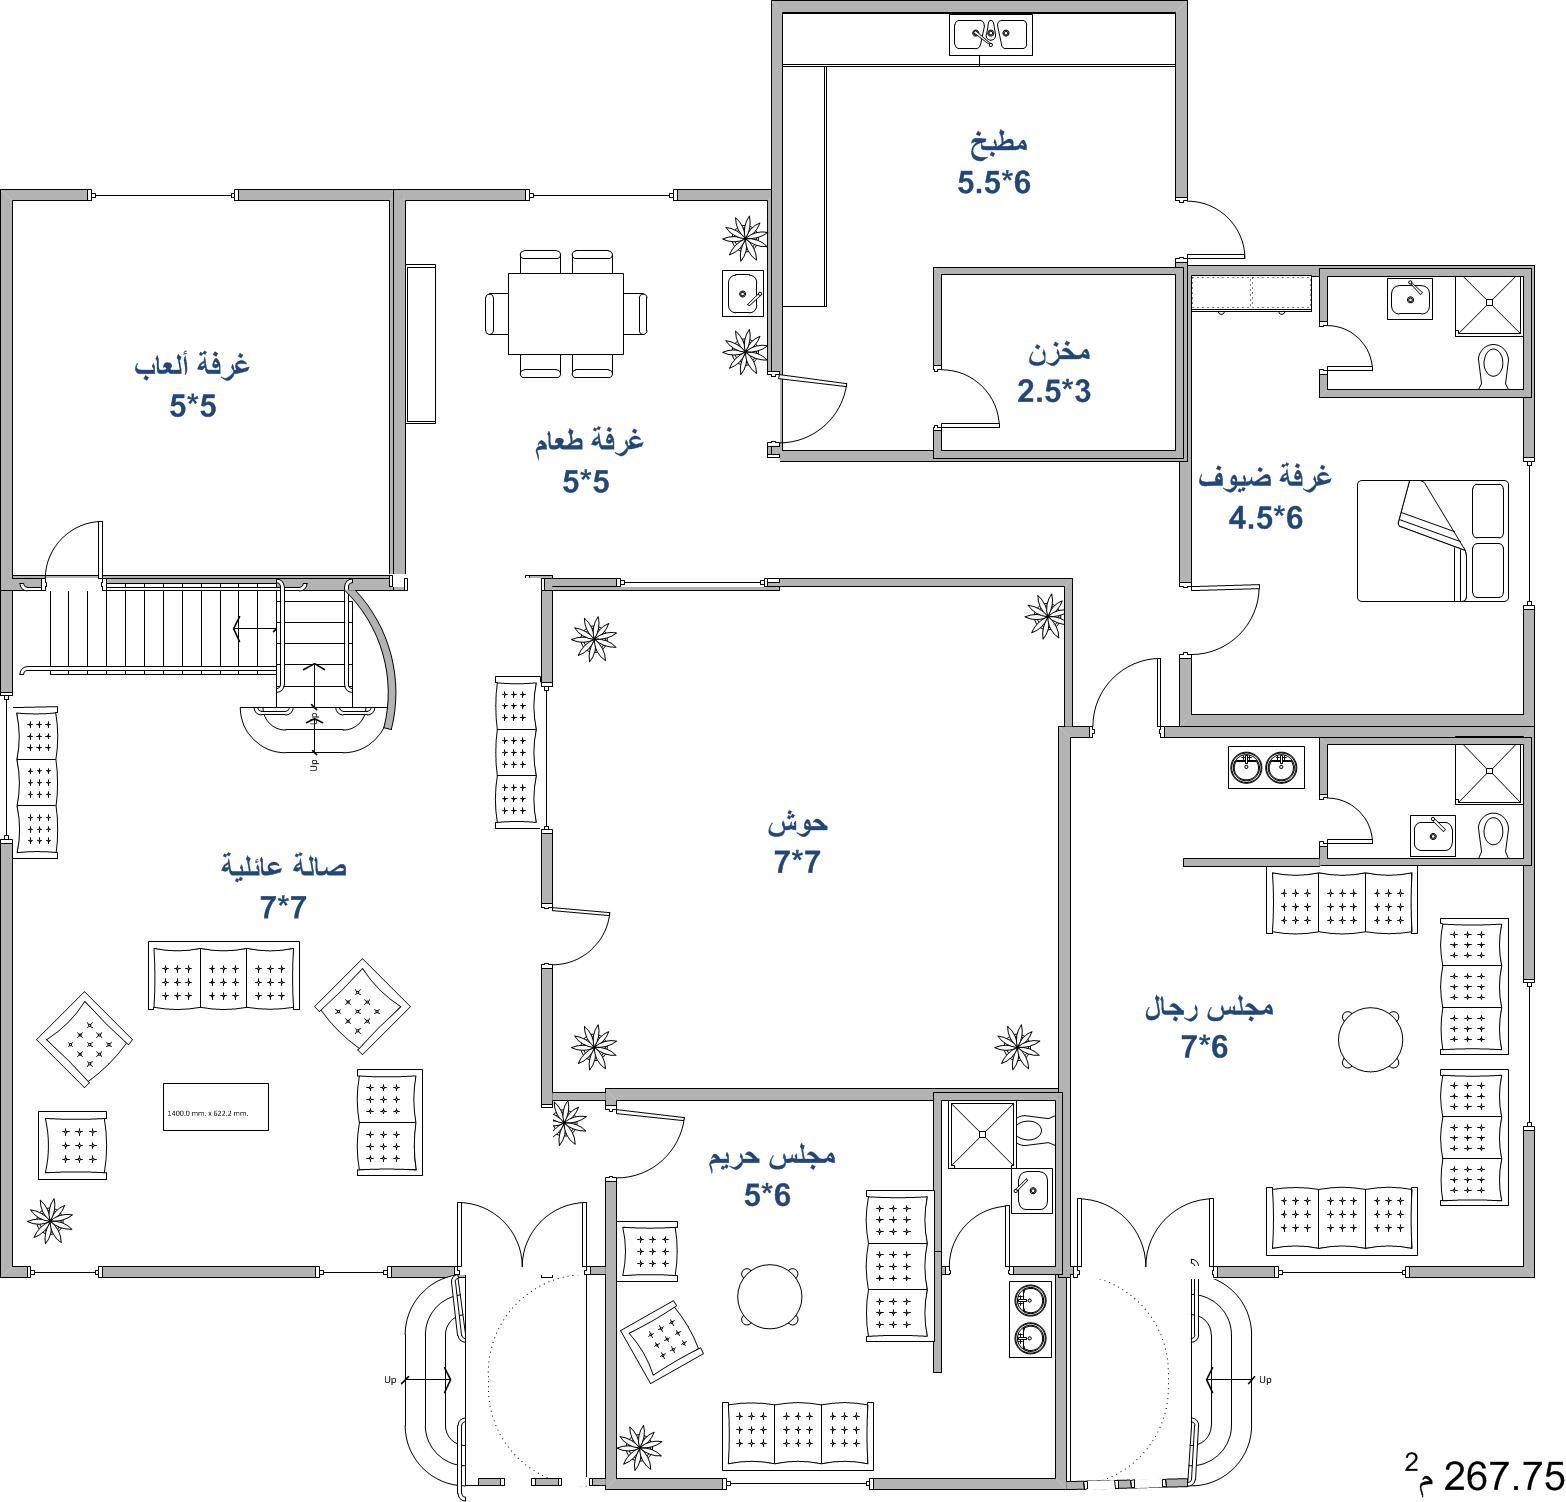 السلام عليكم ... أبحث عن مخطط بيت شامي بطريقة عصرية